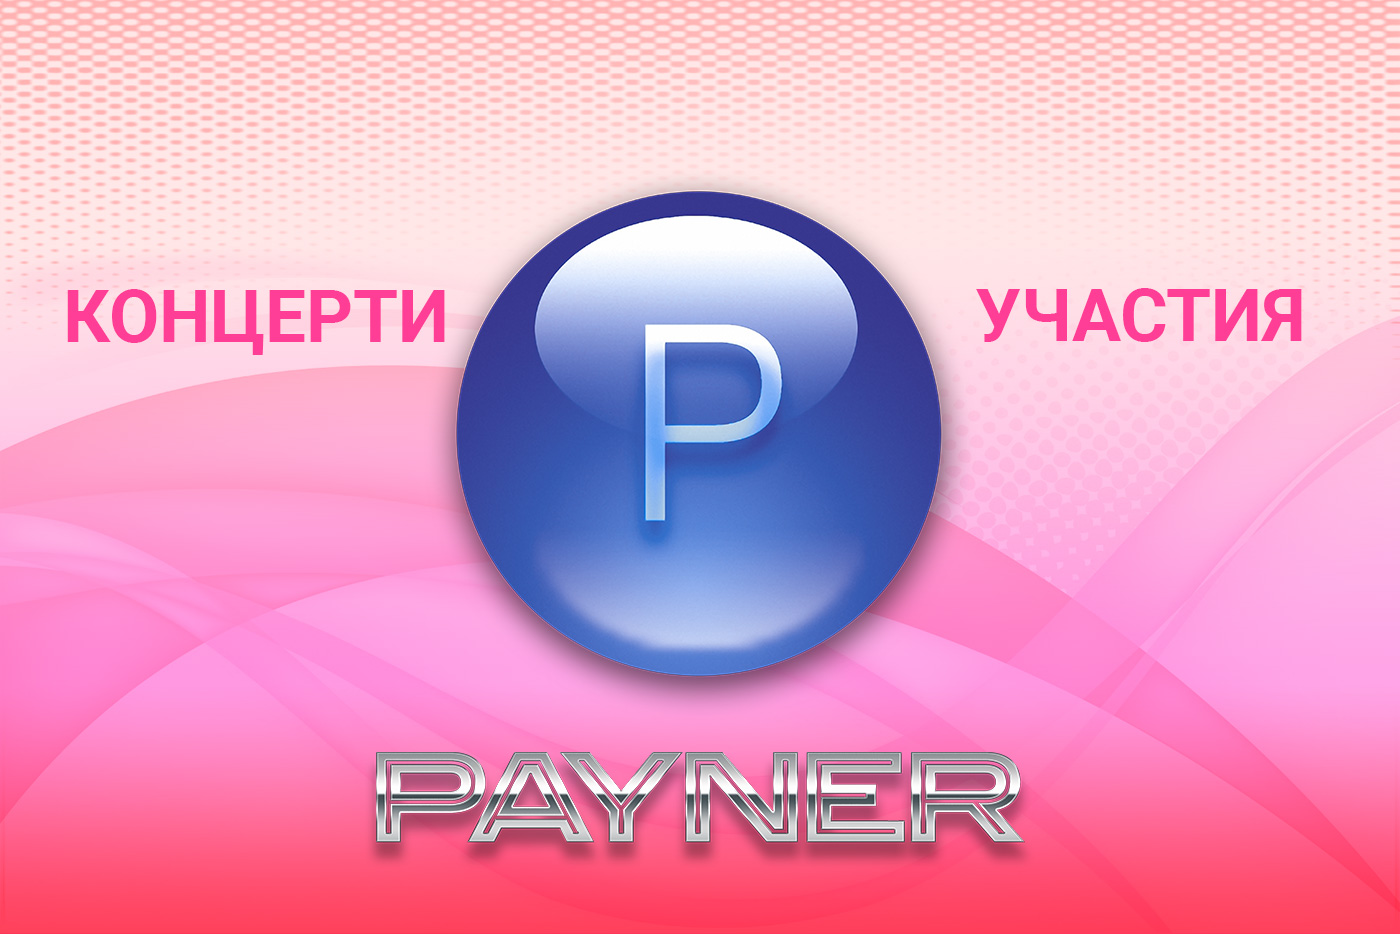 """Участия на звездите на """"Пайнер"""" на 16.04.2019"""